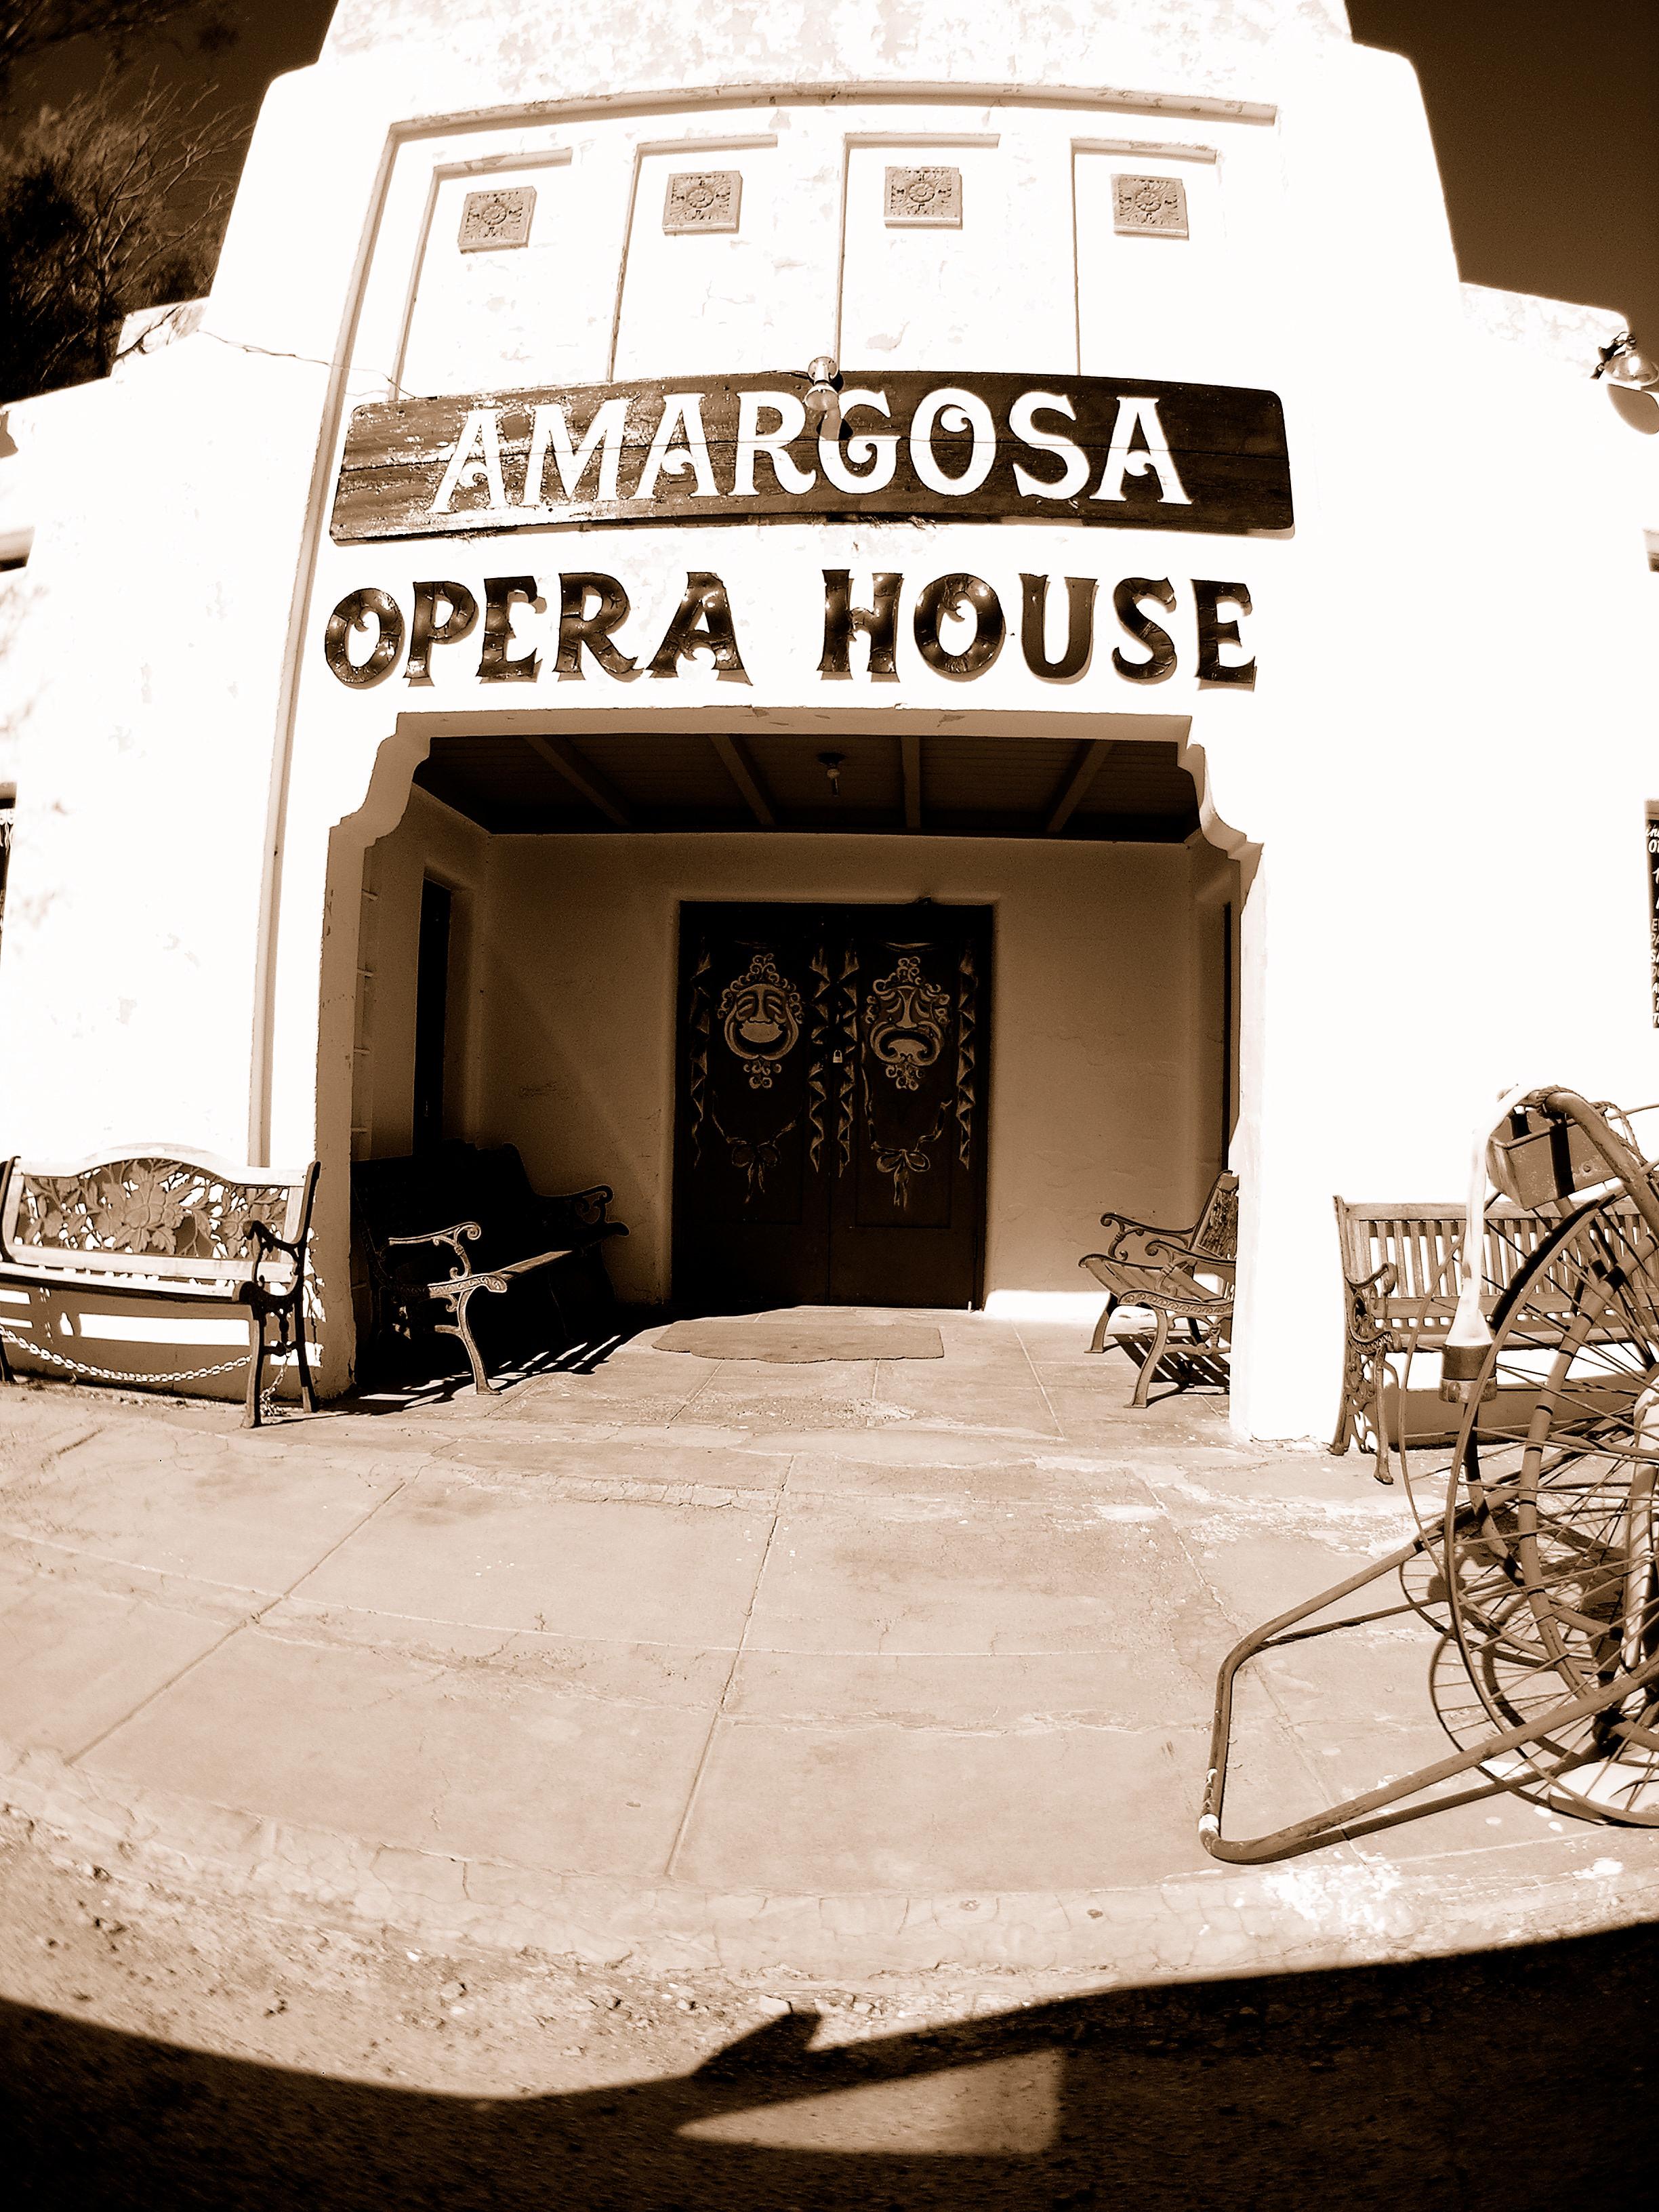 Amargosa Opera House Cafe